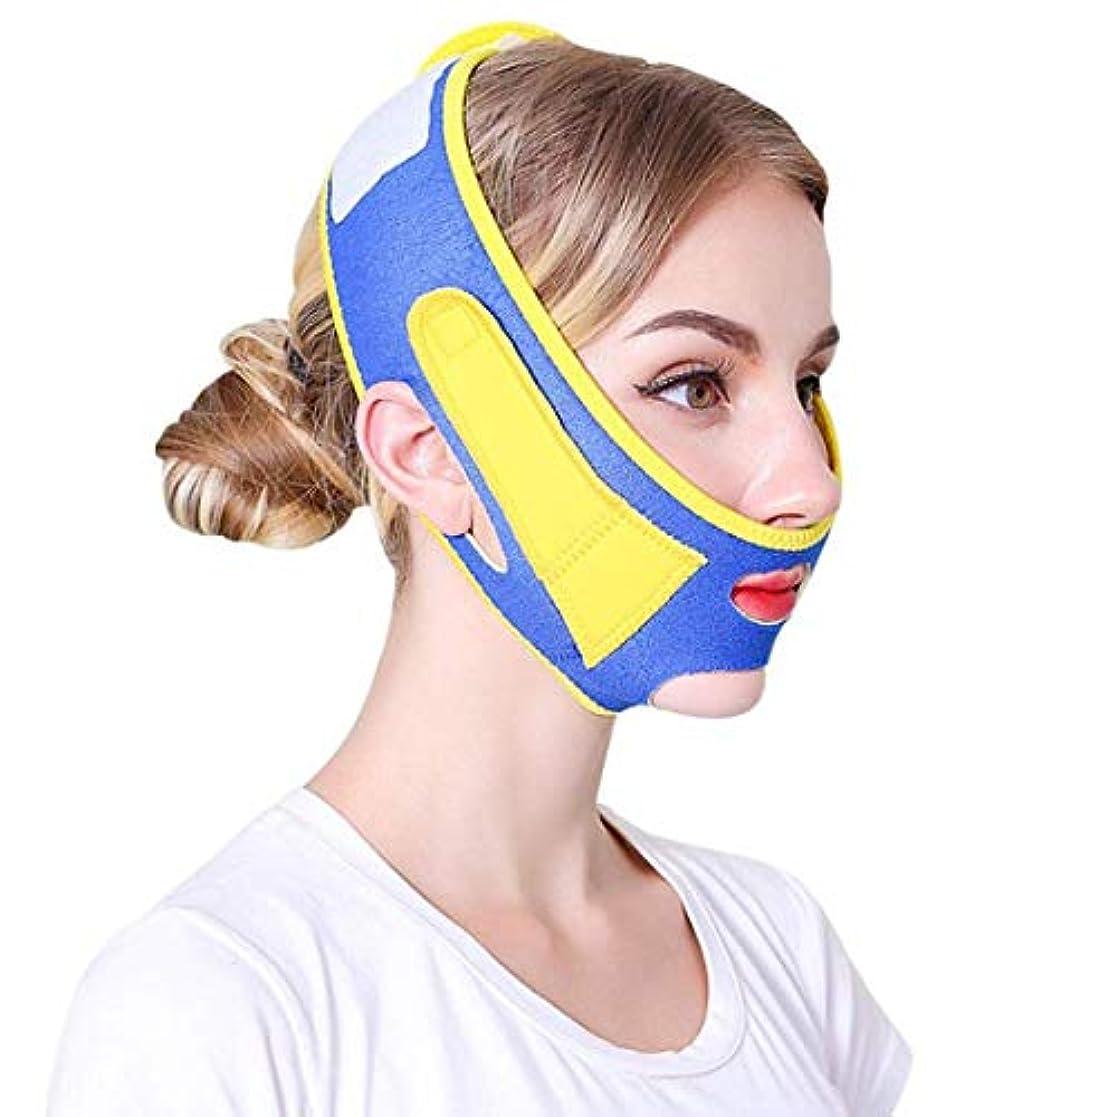 フィットネス育成サーバZWBD フェイスマスク, フェイスリフト包帯抗たるみvフェイスリフティング包帯整形二重あご青黄色